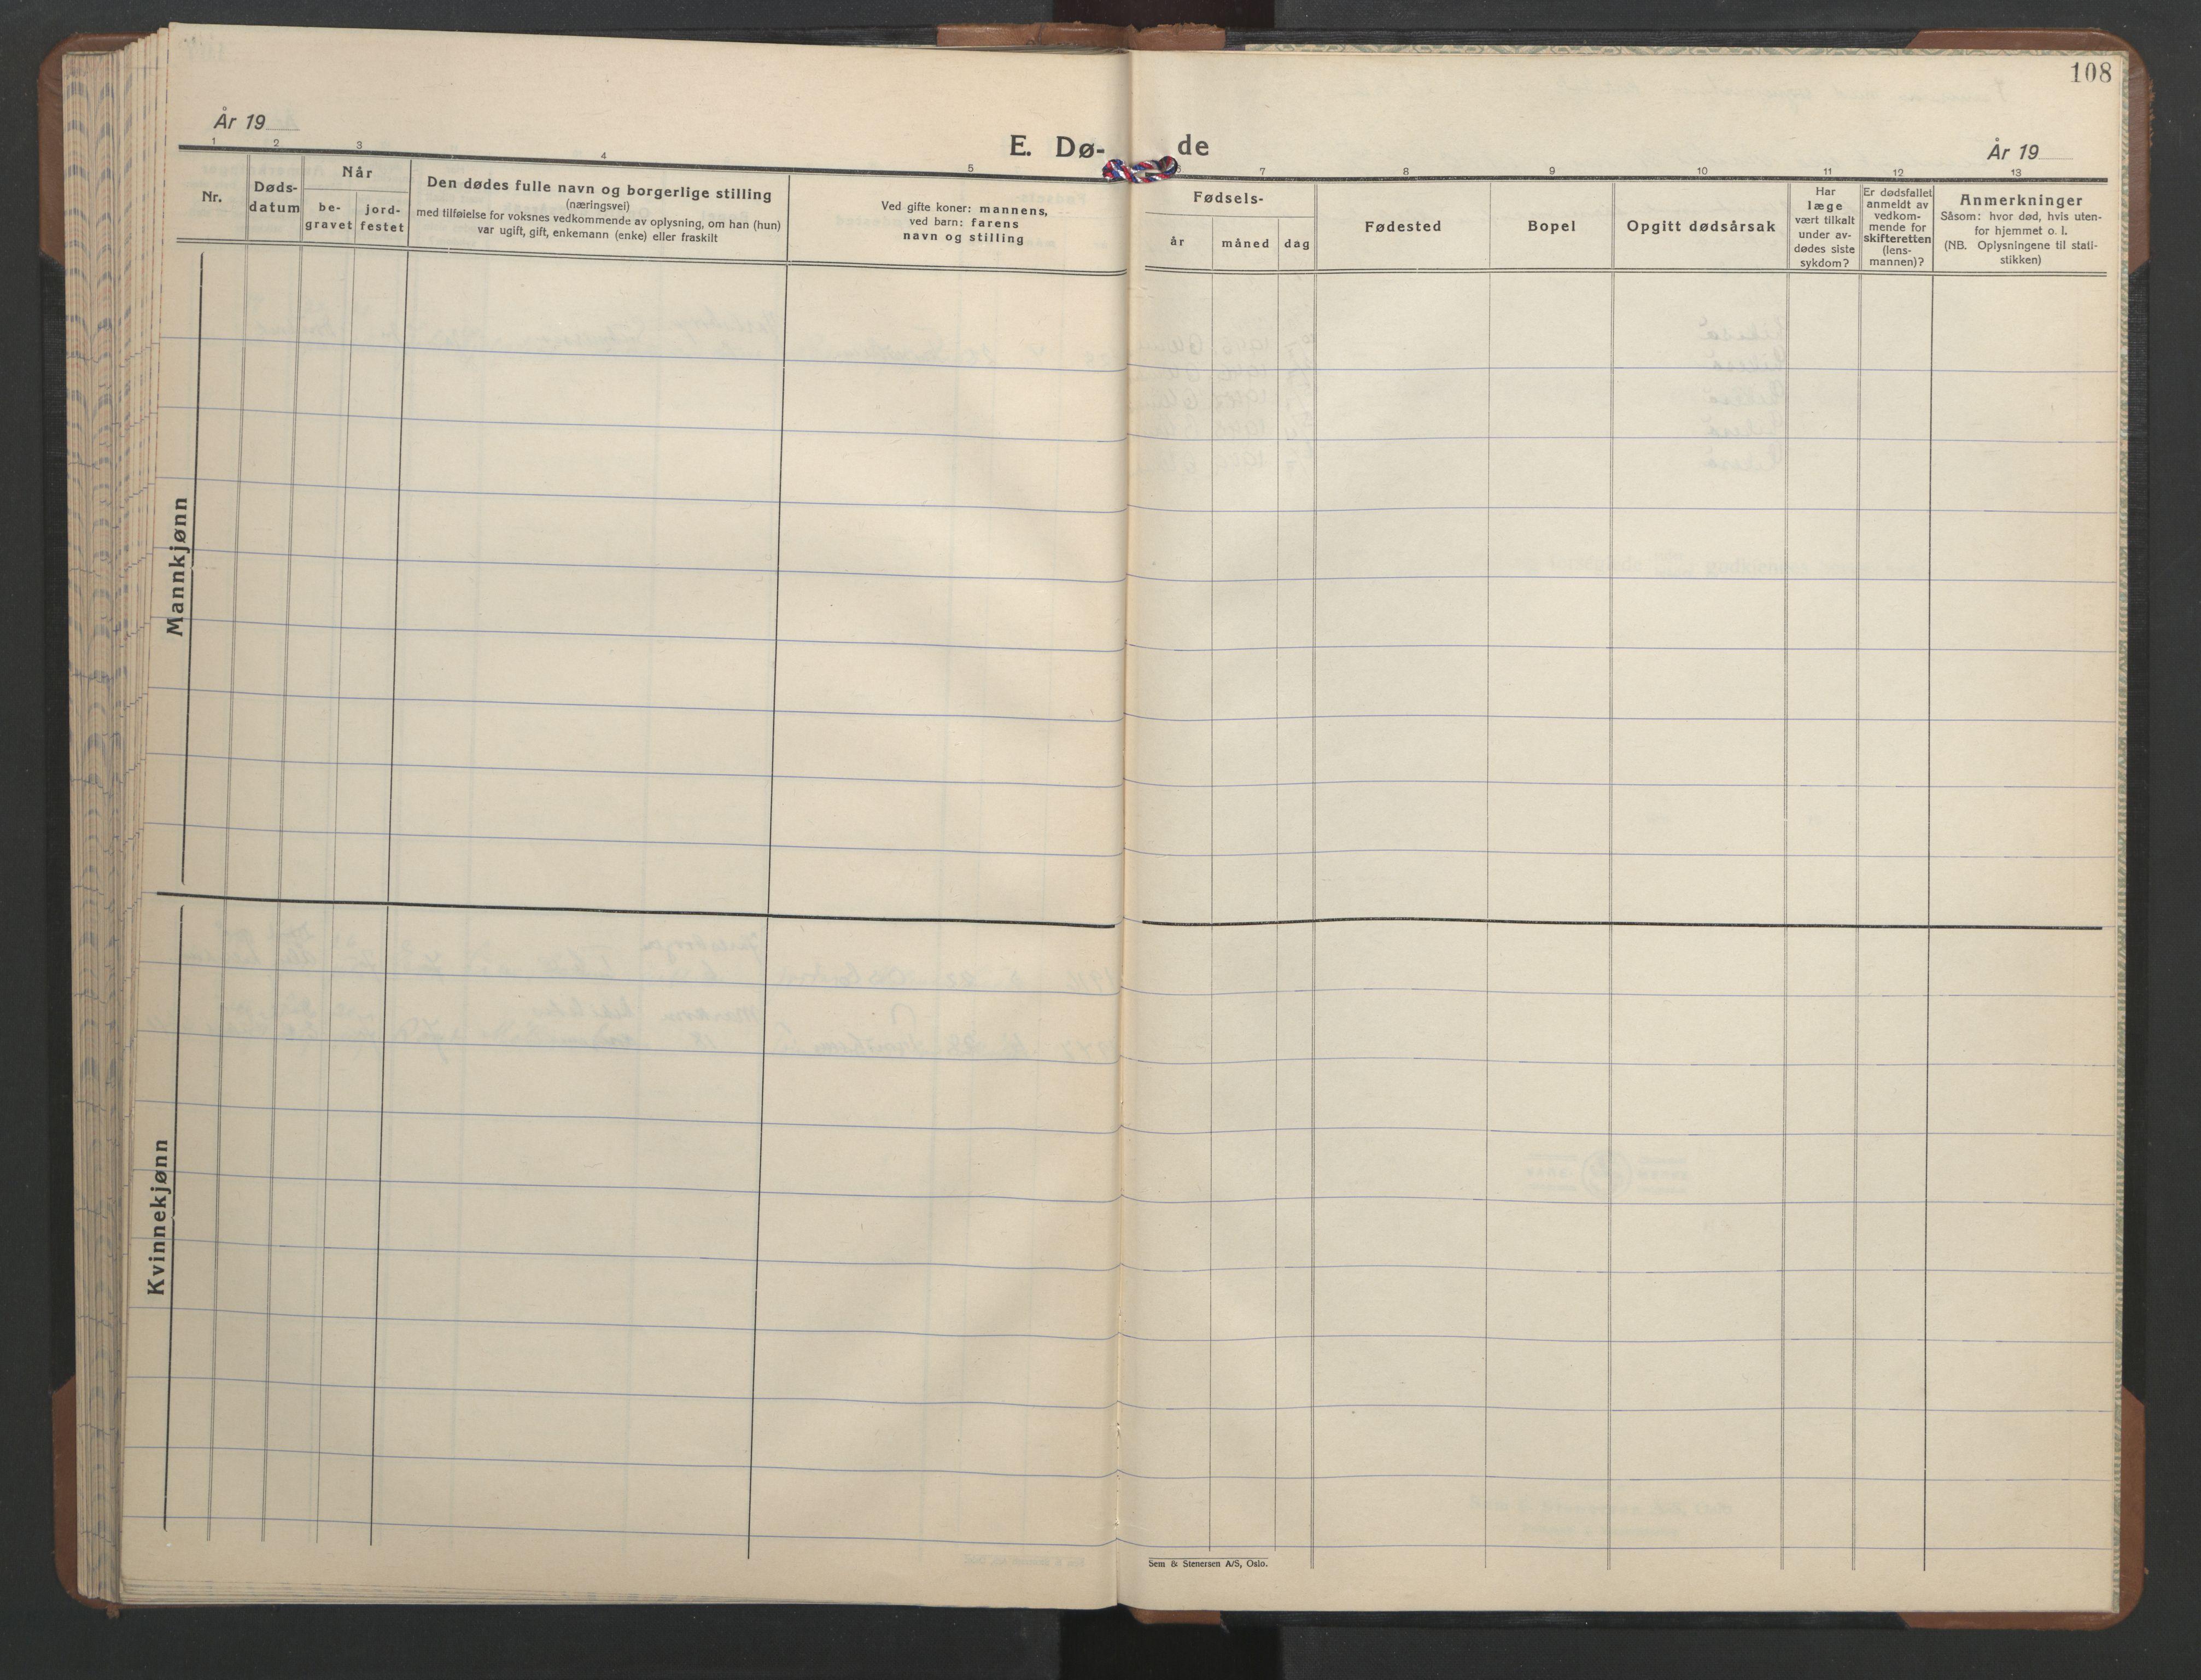 SAT, Ministerialprotokoller, klokkerbøker og fødselsregistre - Sør-Trøndelag, 606/L0315: Klokkerbok nr. 606C11, 1938-1947, s. 108